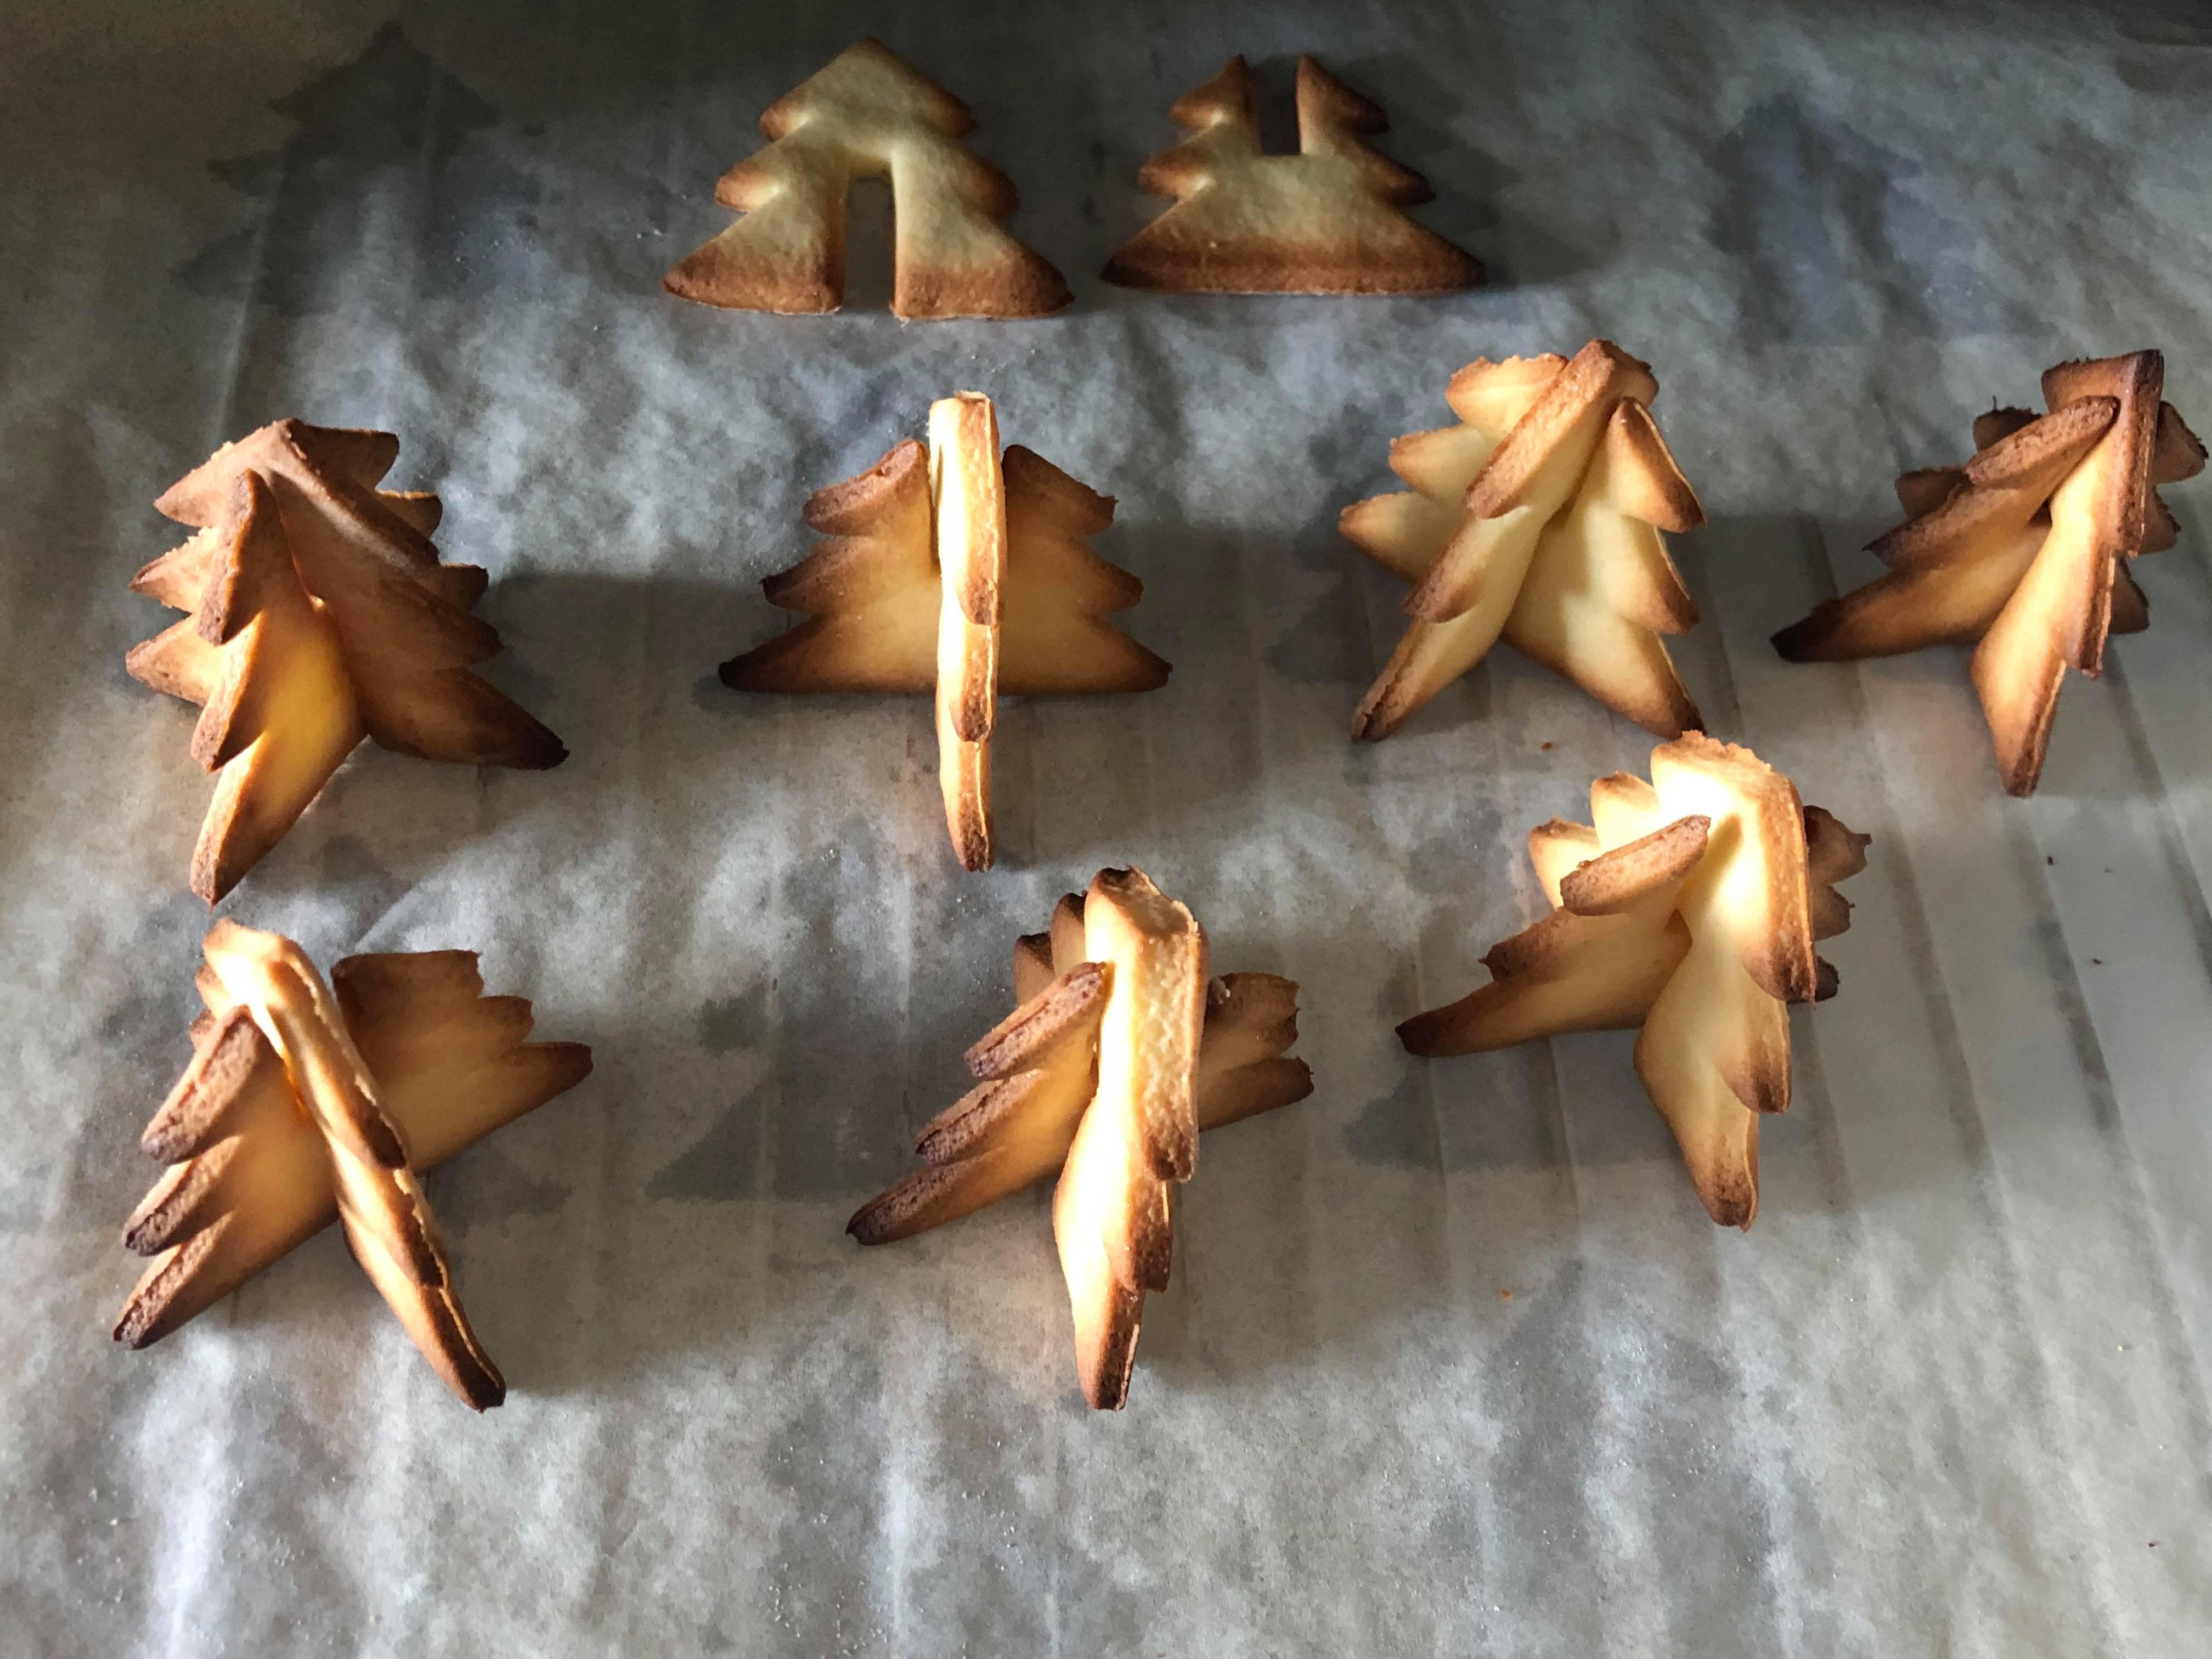 sapin cuit.png Télécharger fichier STL gratuit emporte piece sapin 3D  cookie cutter fir 3D • Objet pour imprimante 3D, fantibus14